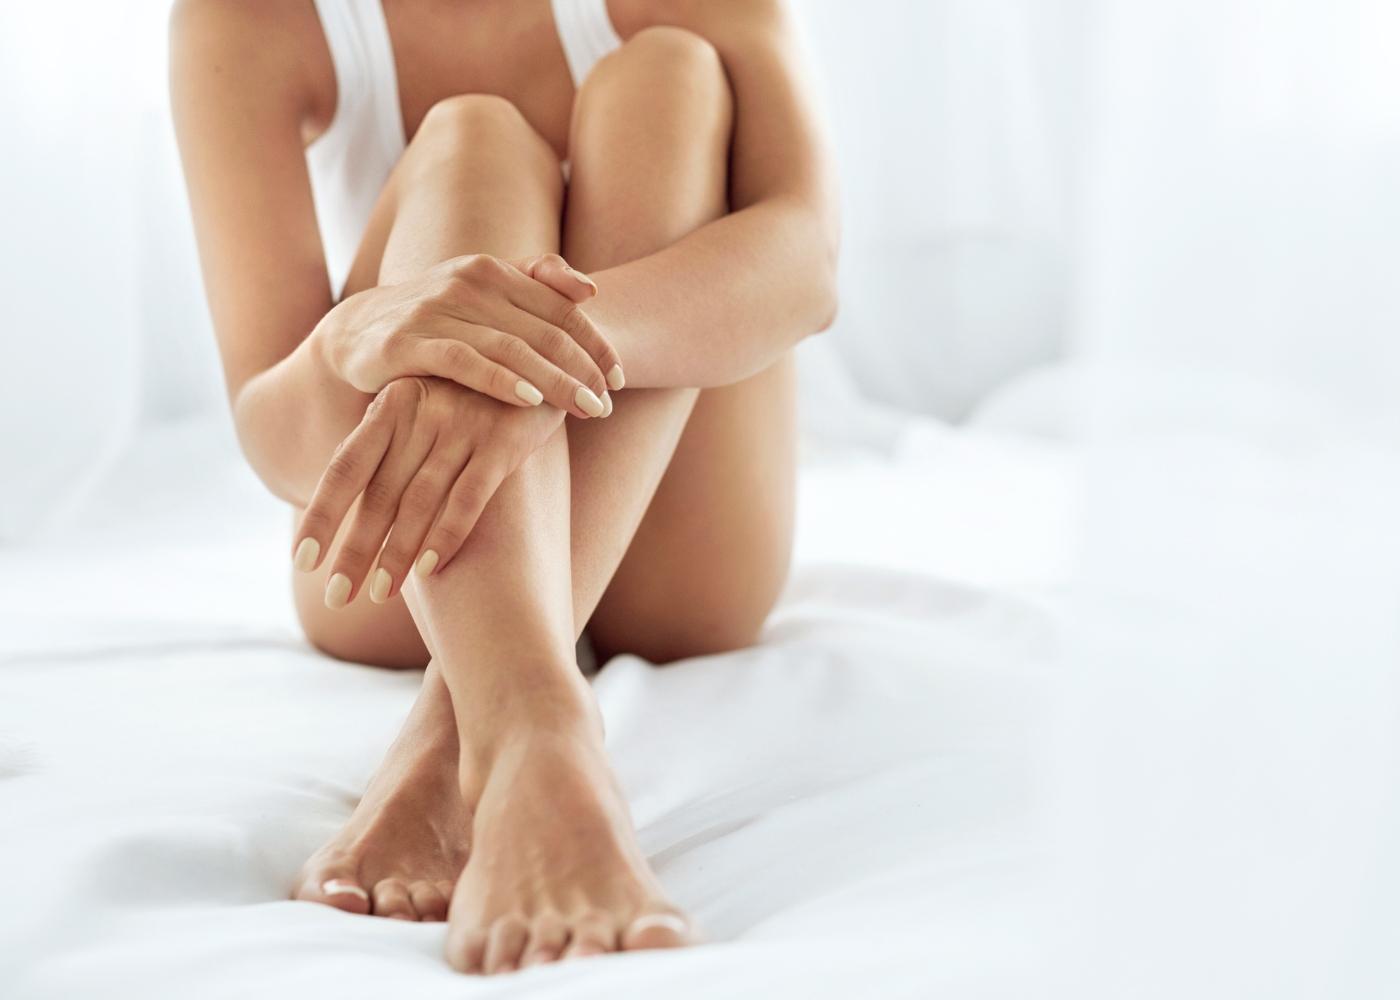 pele das pernas macia